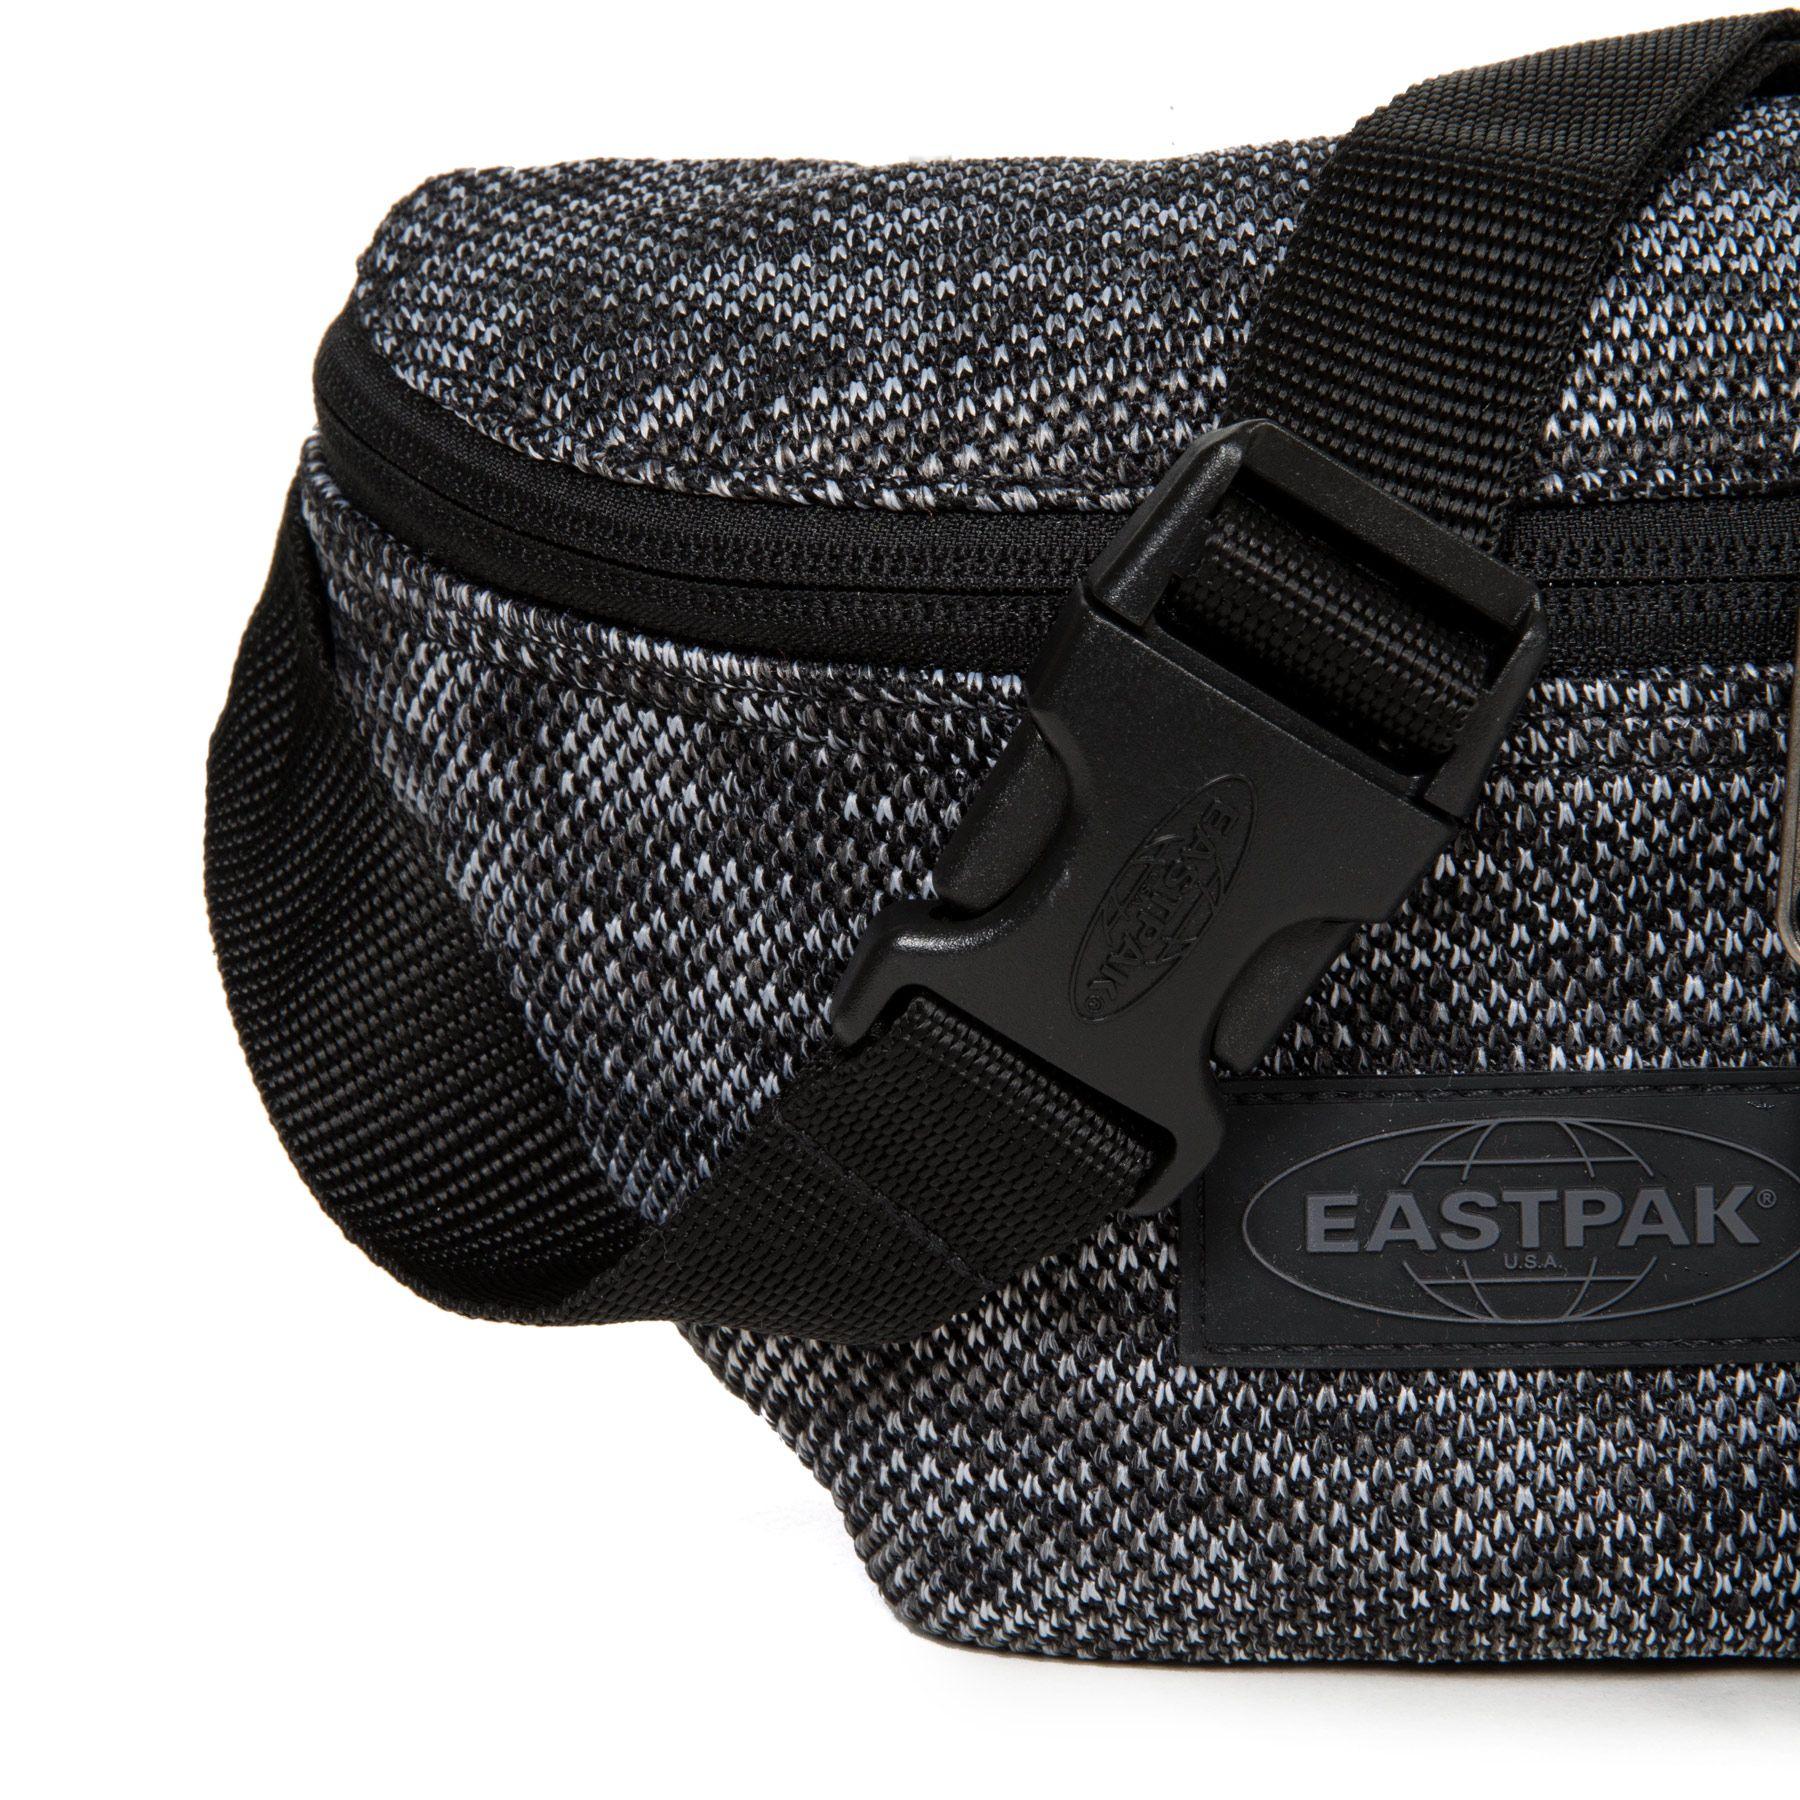 Eastpak поясная сумка Springer Knitted Black